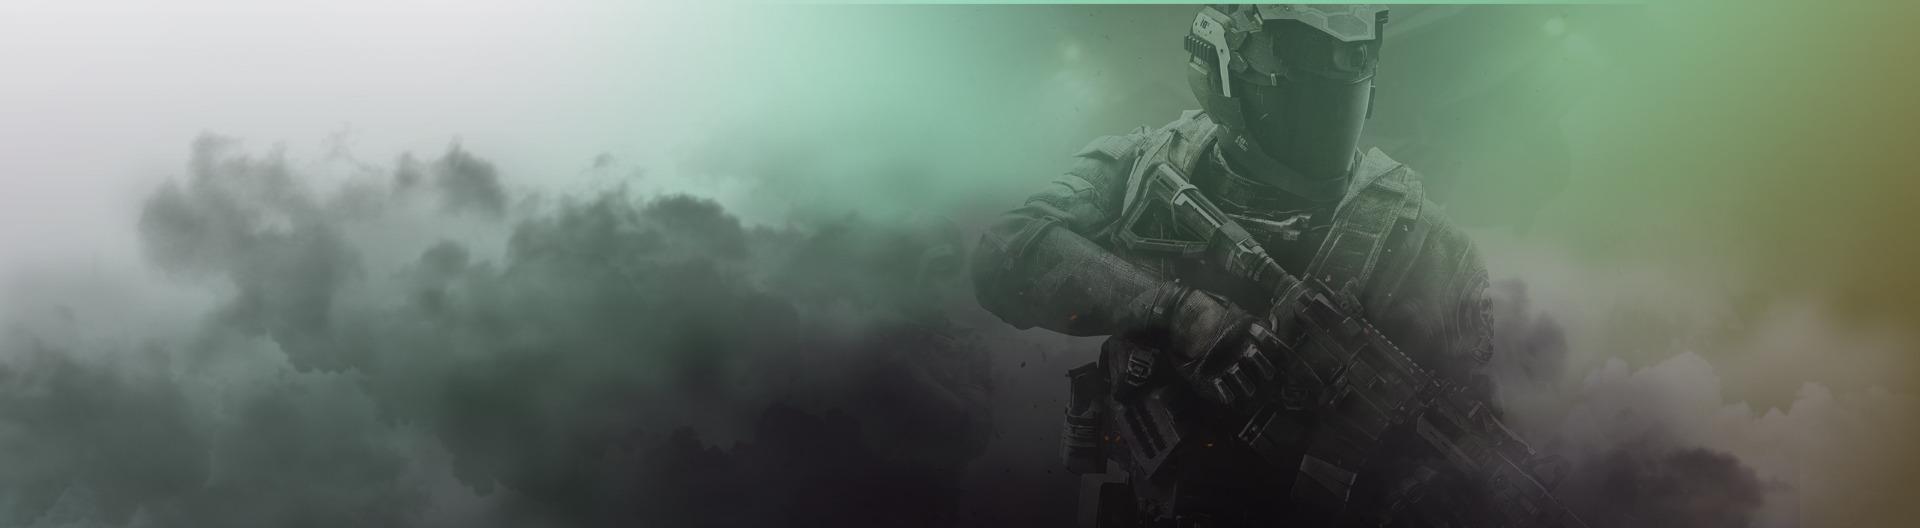 Desktop Banner Image 2